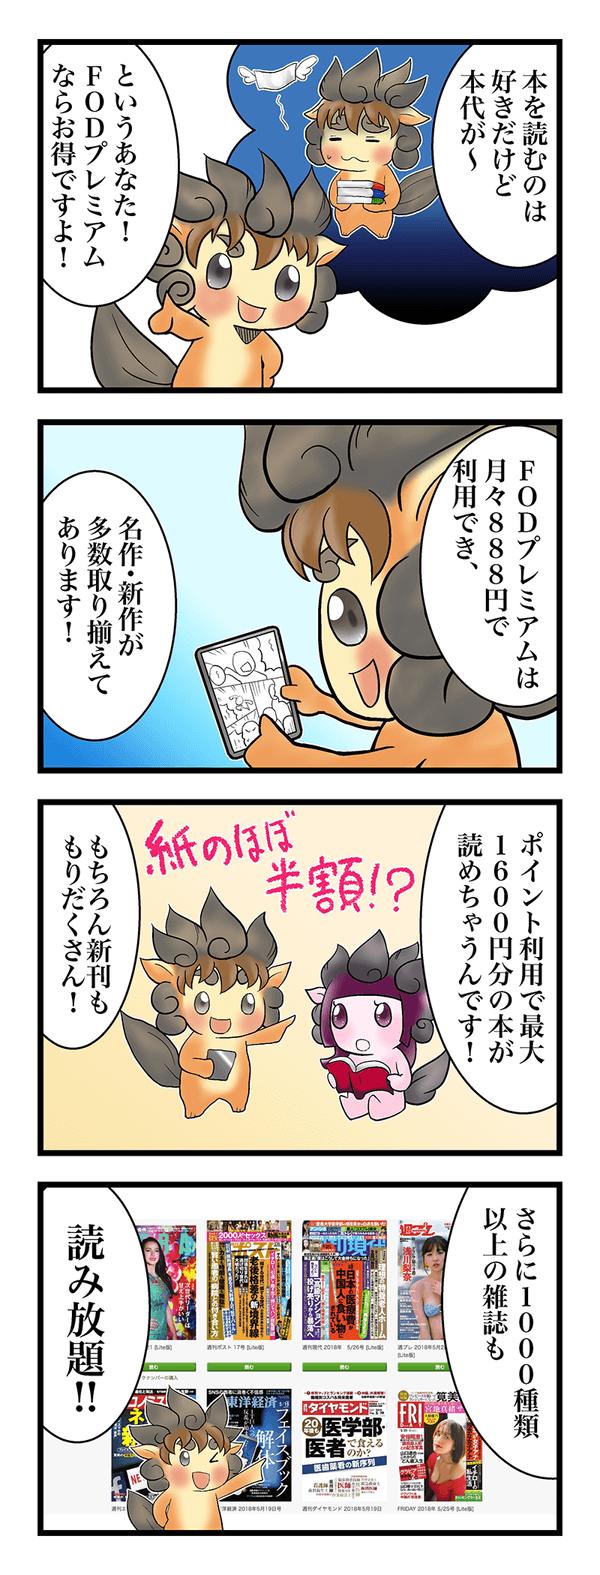 FODプレミアム漫画